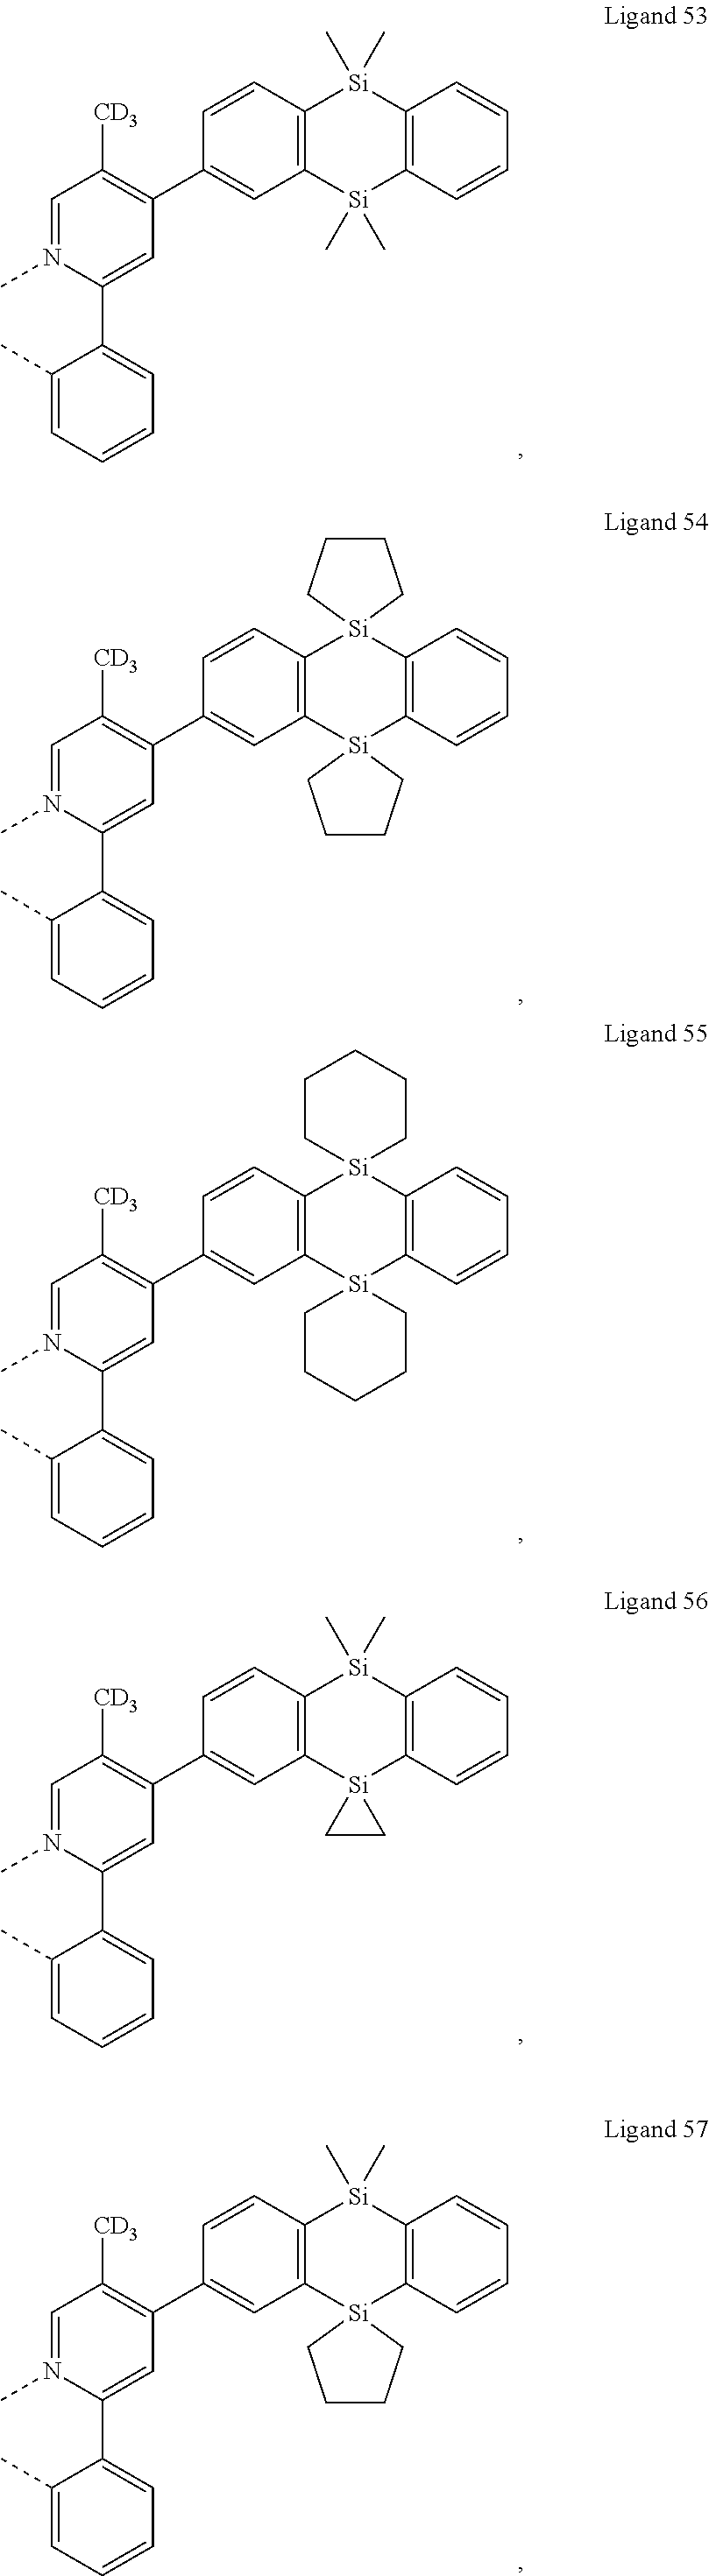 Figure US20180130962A1-20180510-C00239